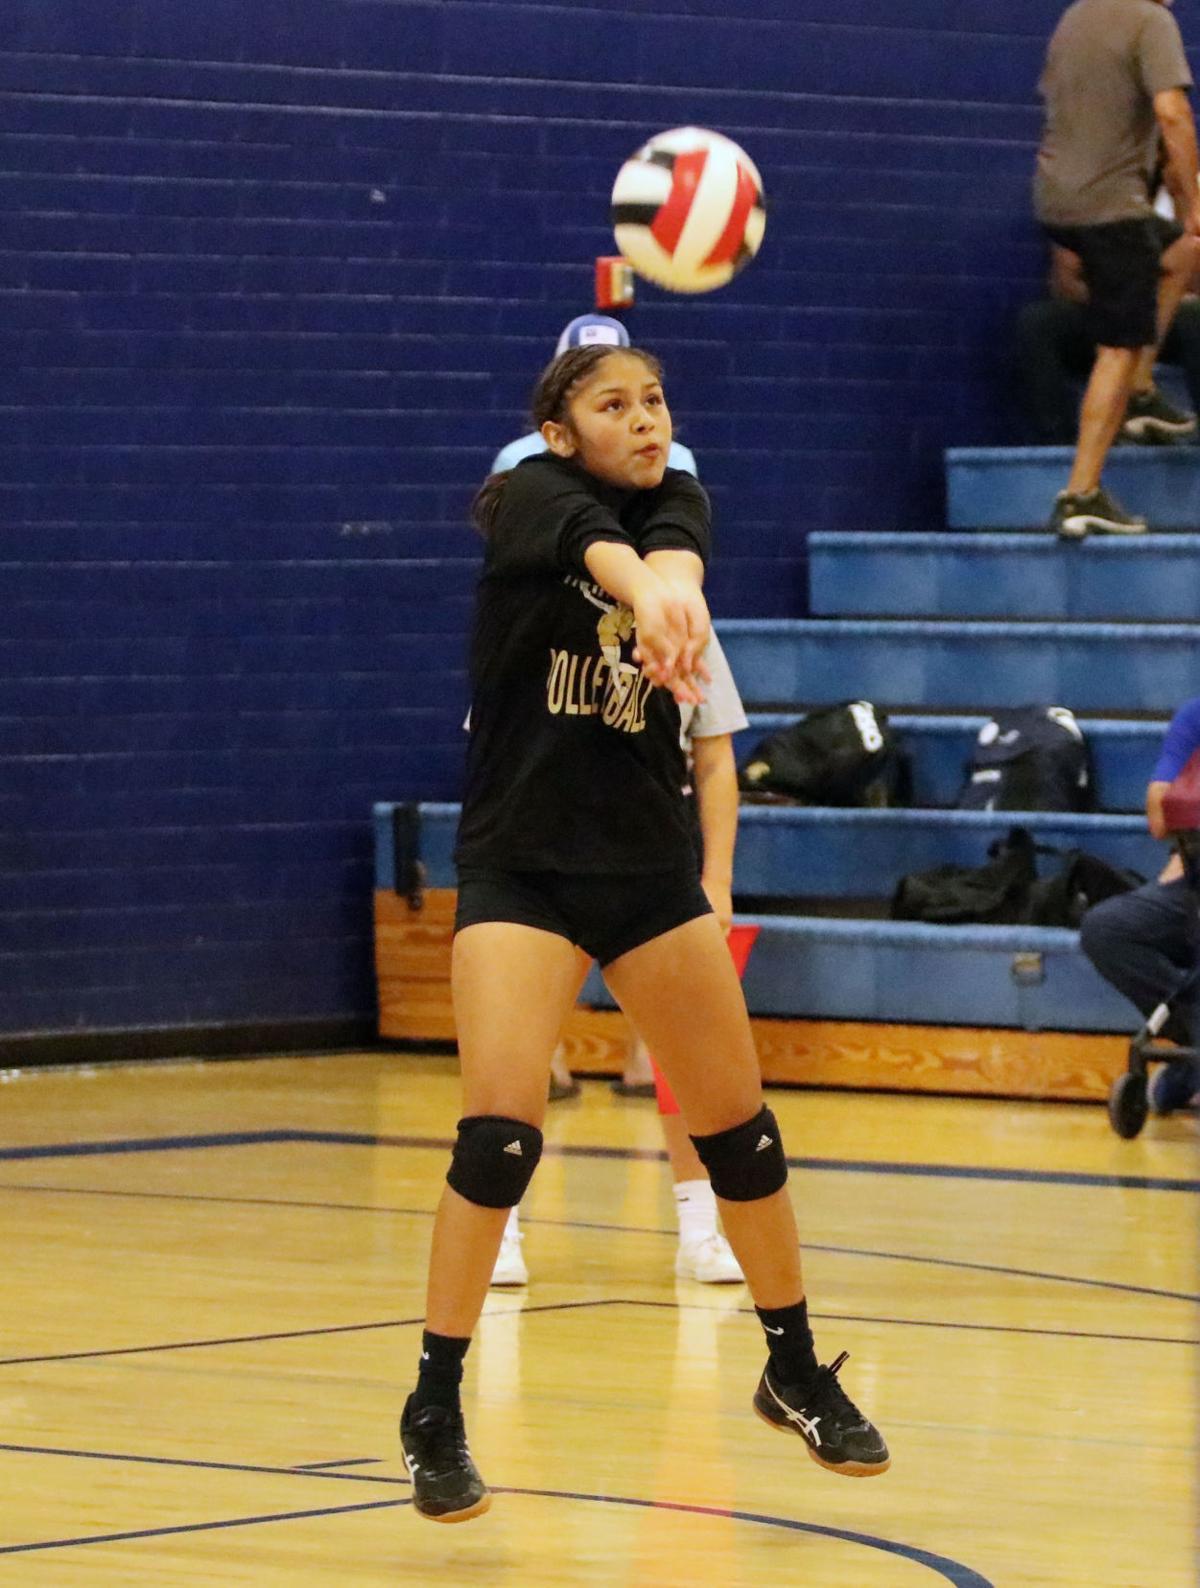 Volleyball - Vista Grande vs. CG Union 8/26/21